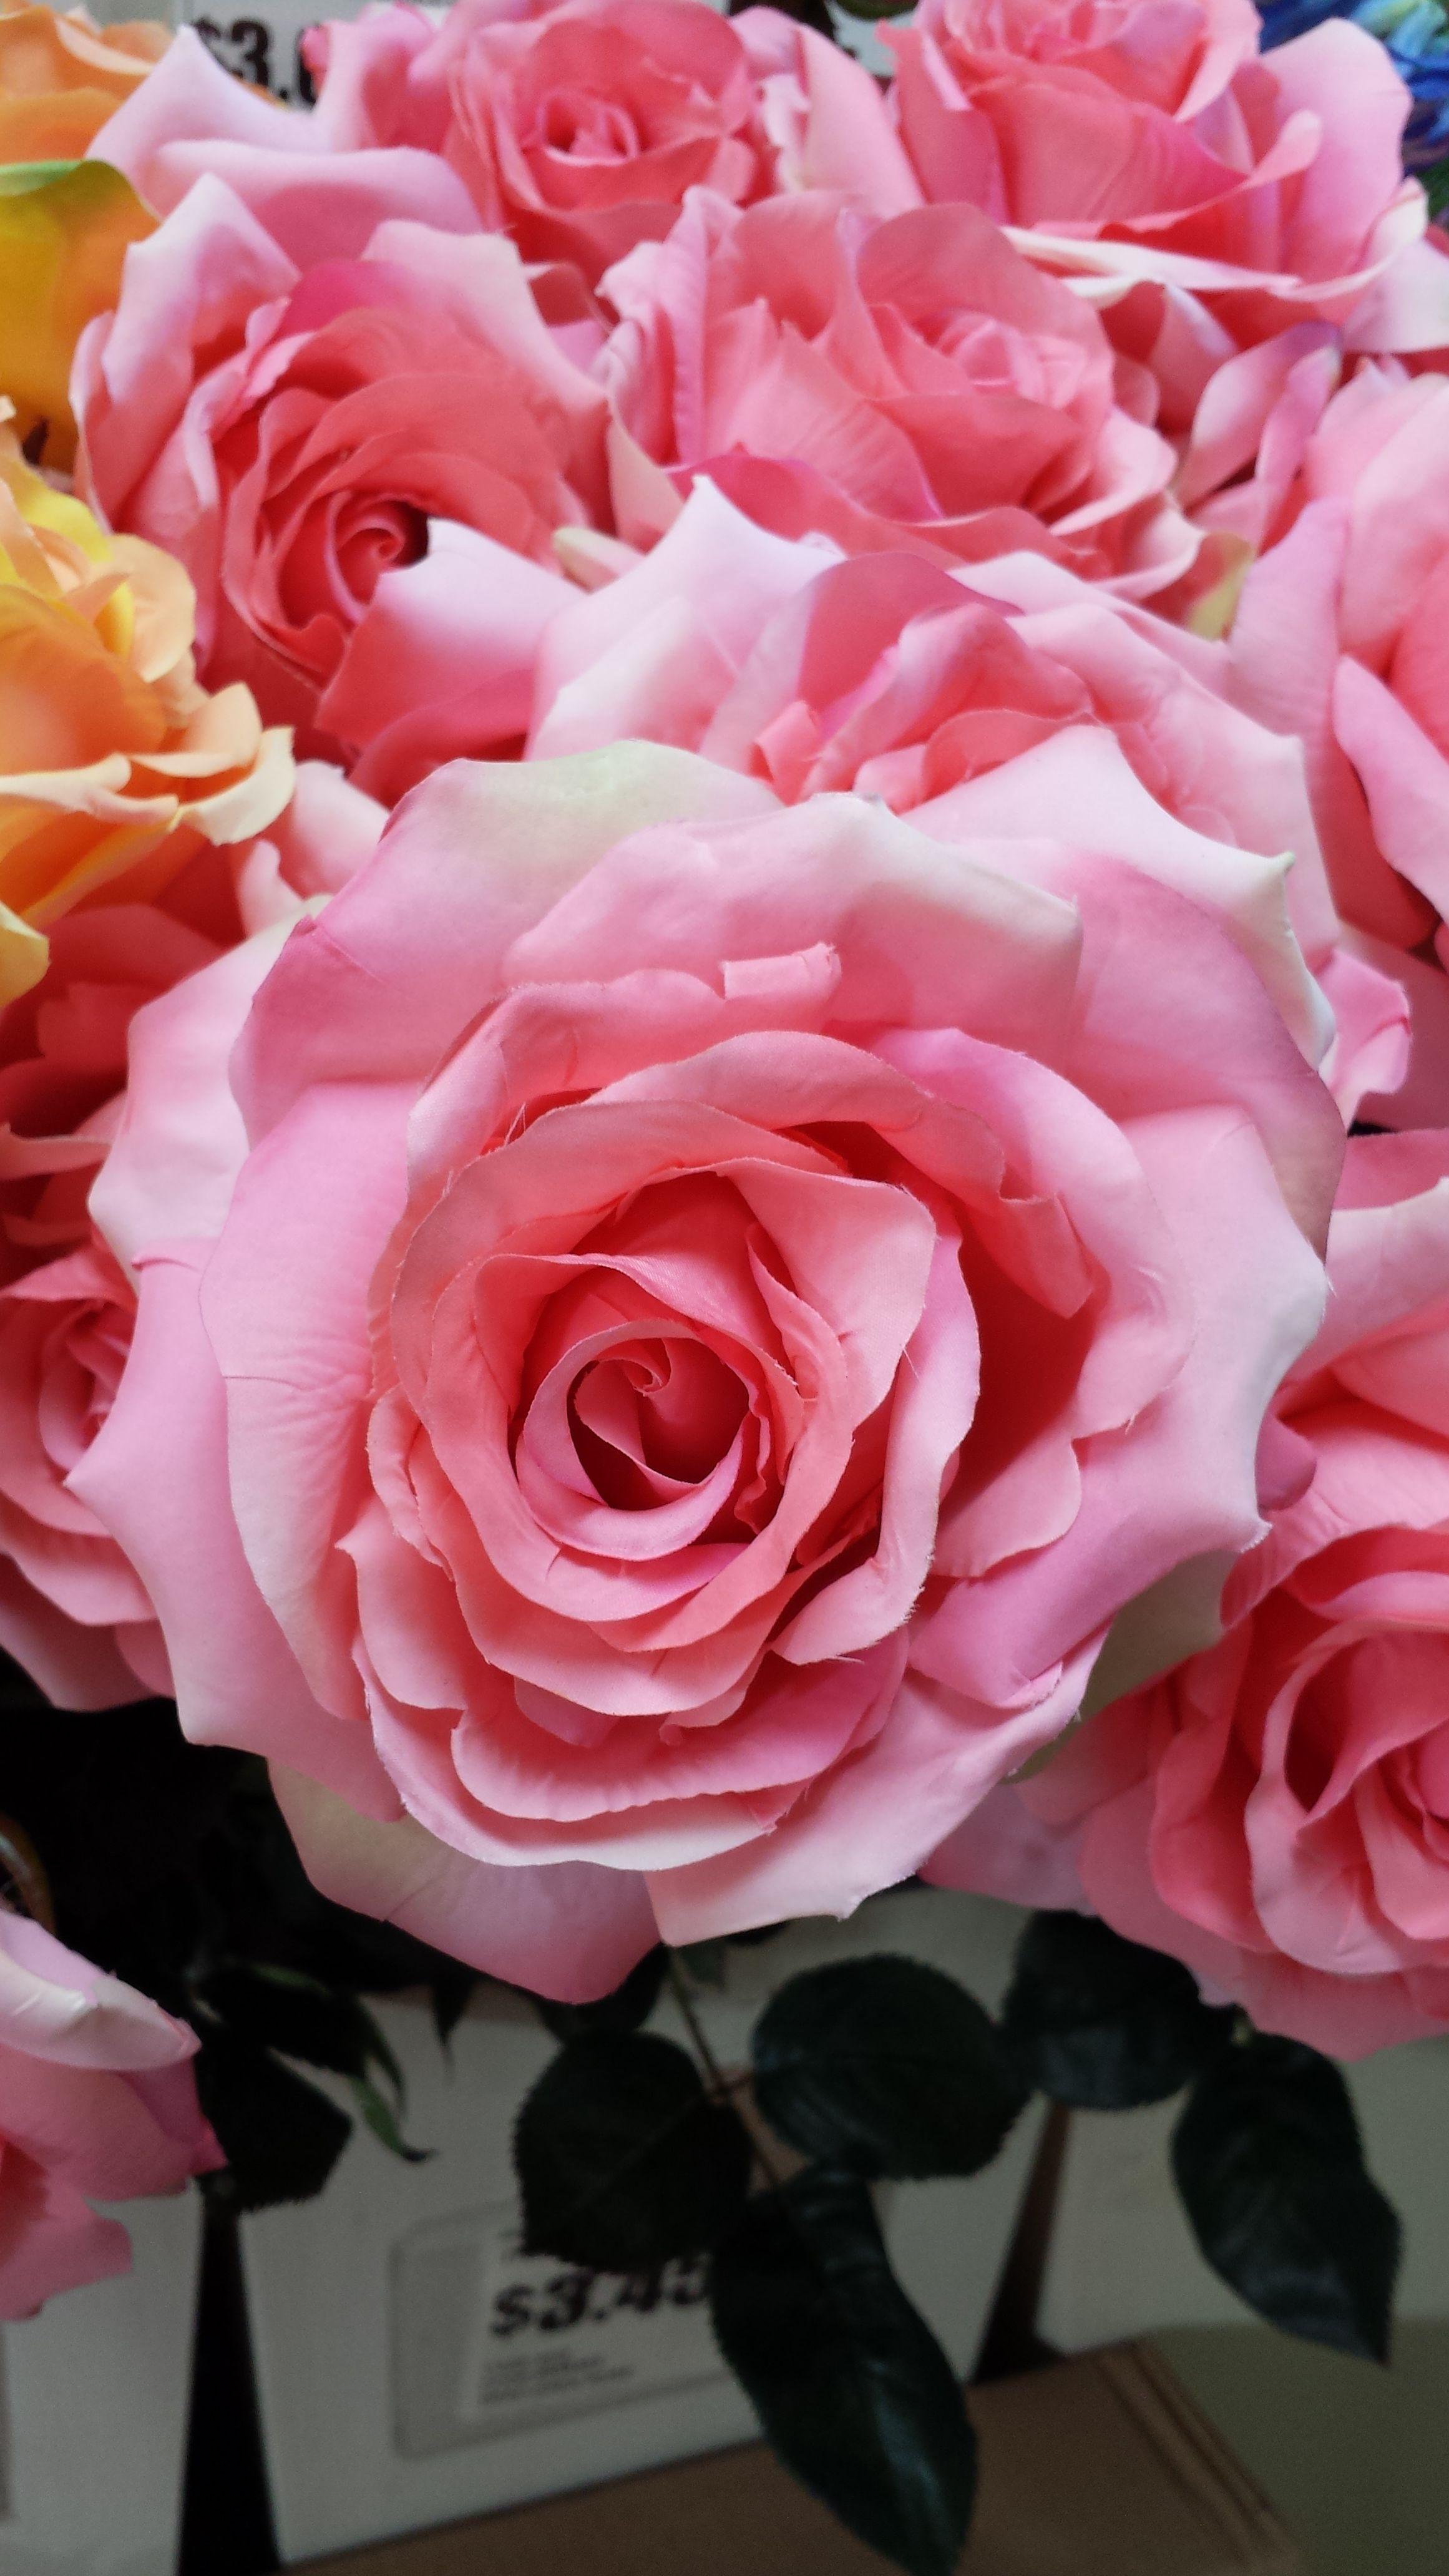 Silk stem chan silk flowers keira rose garden pinterest gardens silk stem chan silk flowers mightylinksfo